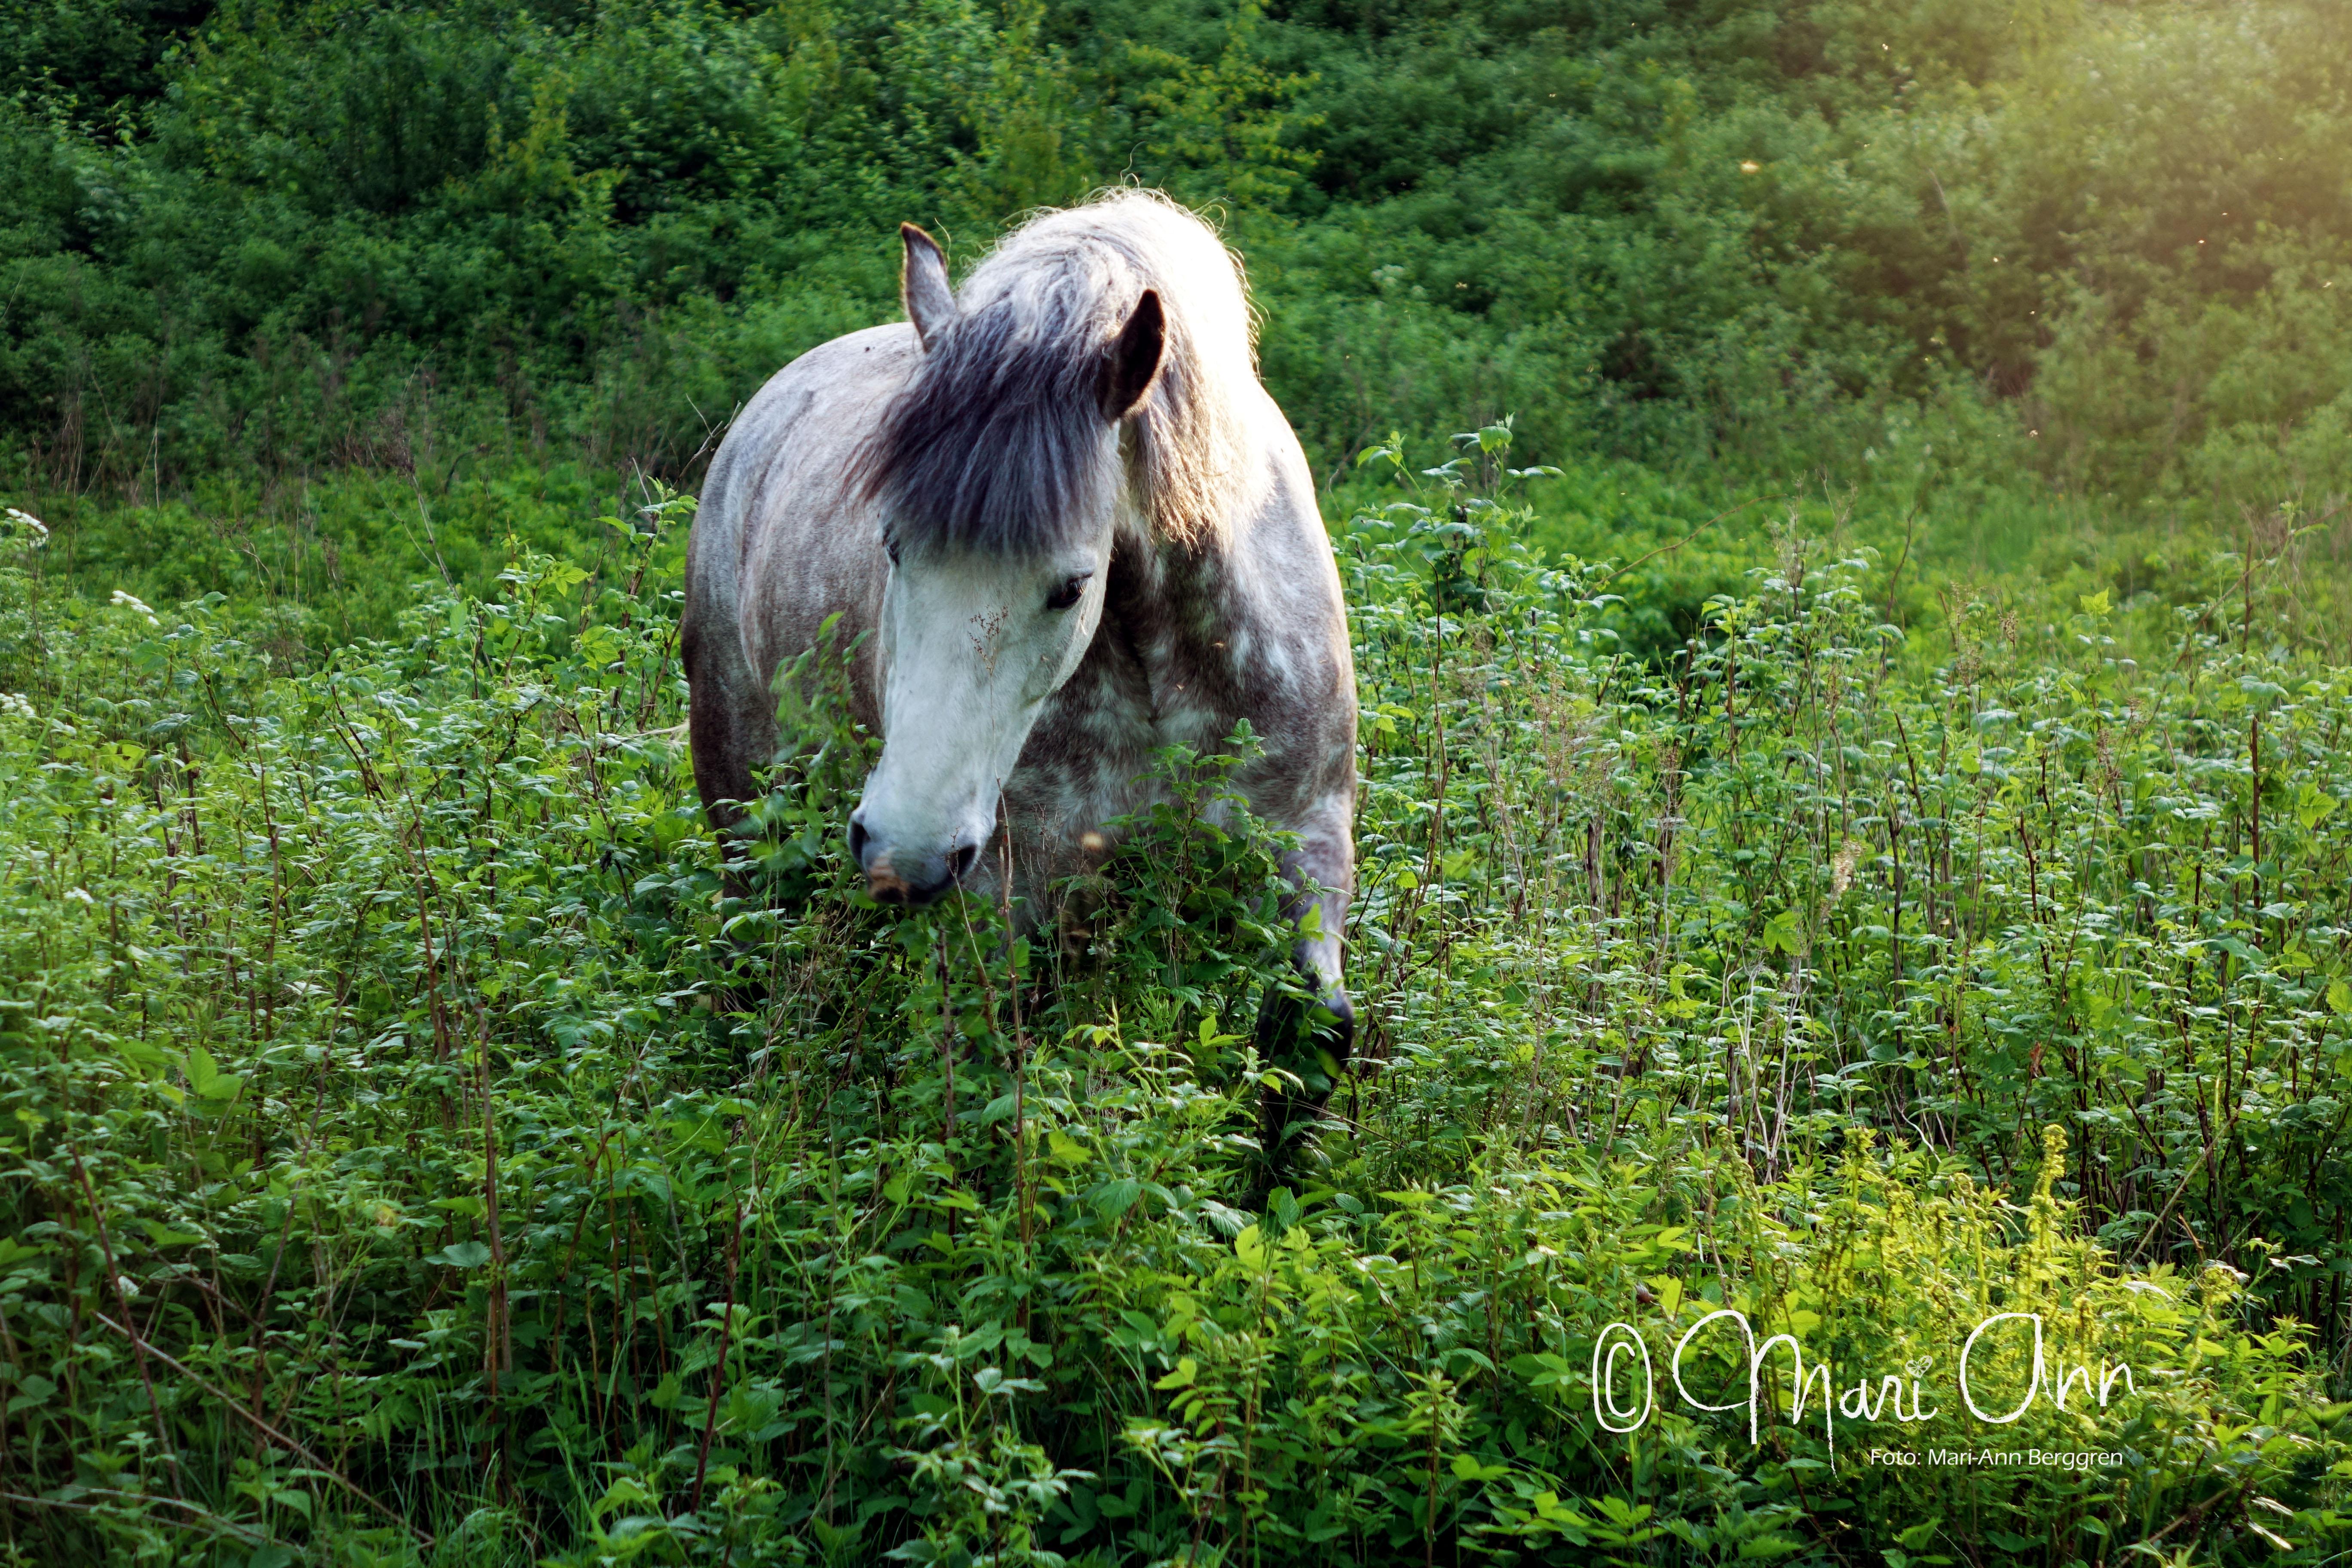 nicke_i_gräset